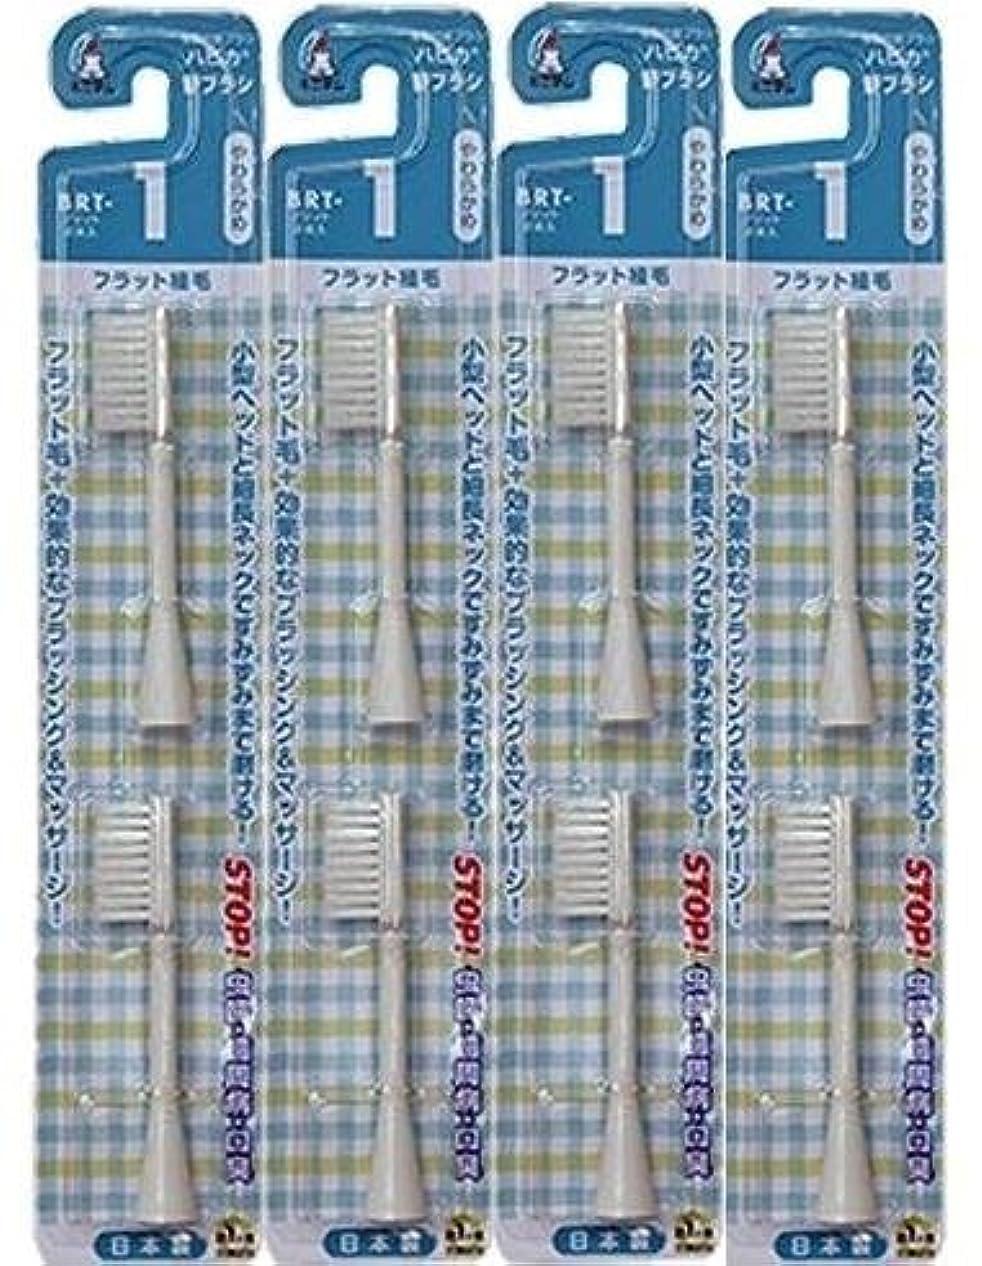 ビール新しさはっきりしない電動歯ブラシ ハピカ専用替ブラシやわらかめフラット植毛2本入(BRT-1T)×4個セット